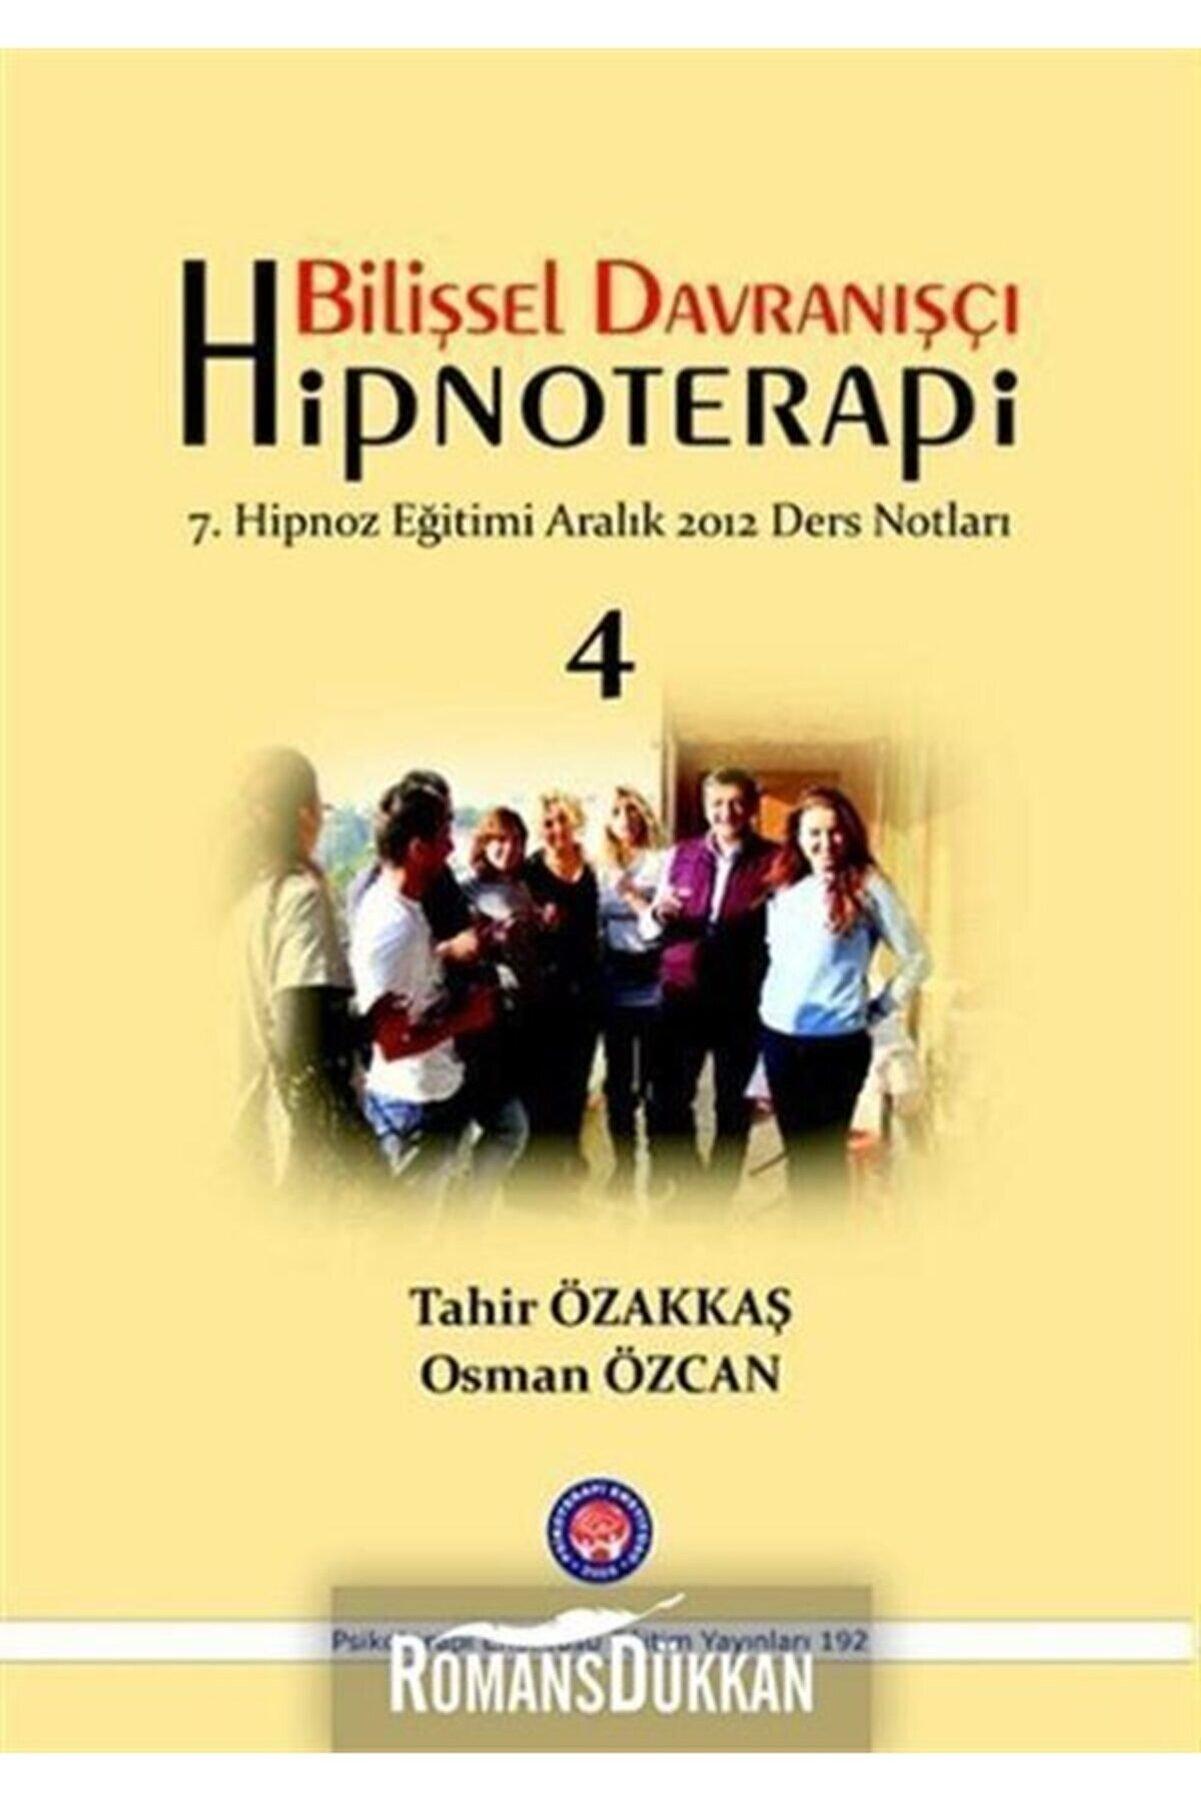 PSİKOTERAPİ ENSTİTÜSÜ EĞİTİM YAYINLARI Bilişsel Davranışçı Hipnoterapi 7. Hipnoz Eğitimi Aralık 2012 Ders Notları